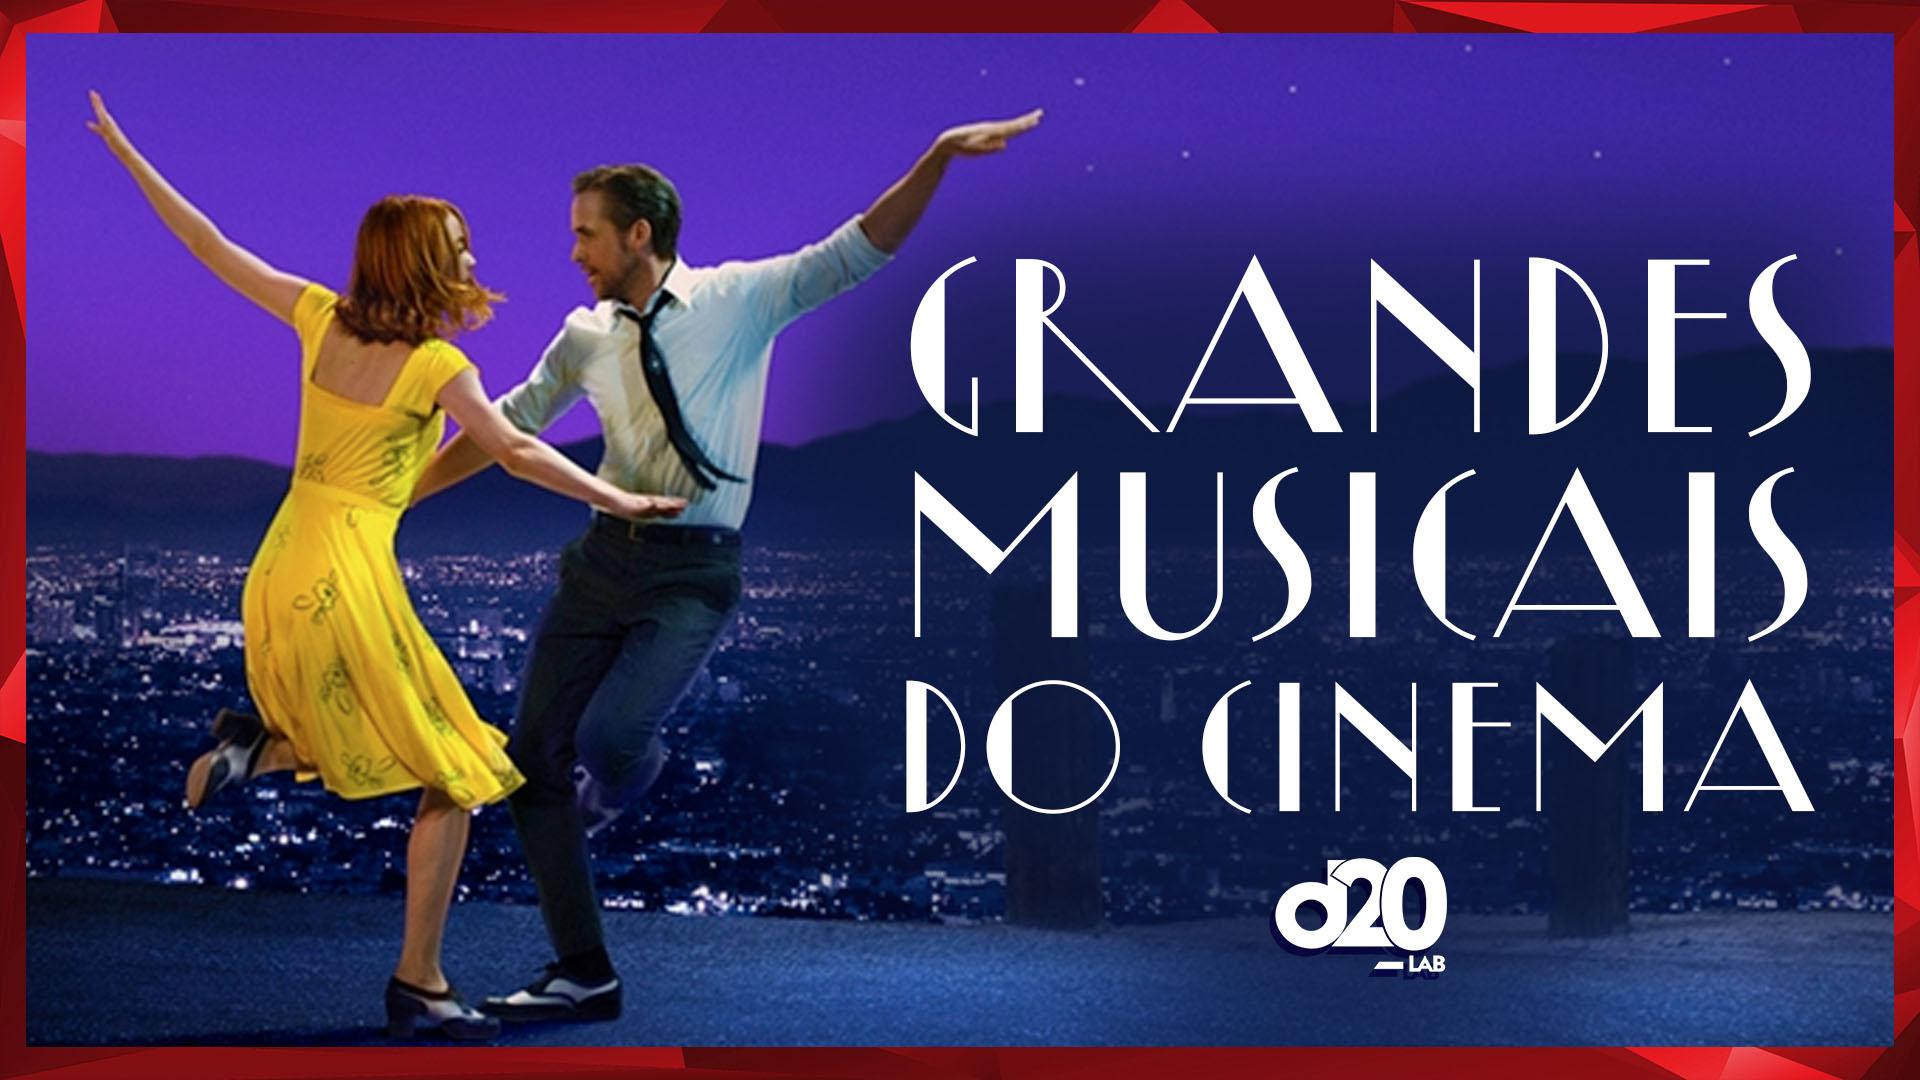 Os Grandes Musicais na História do Cinema | D20 Lab 38